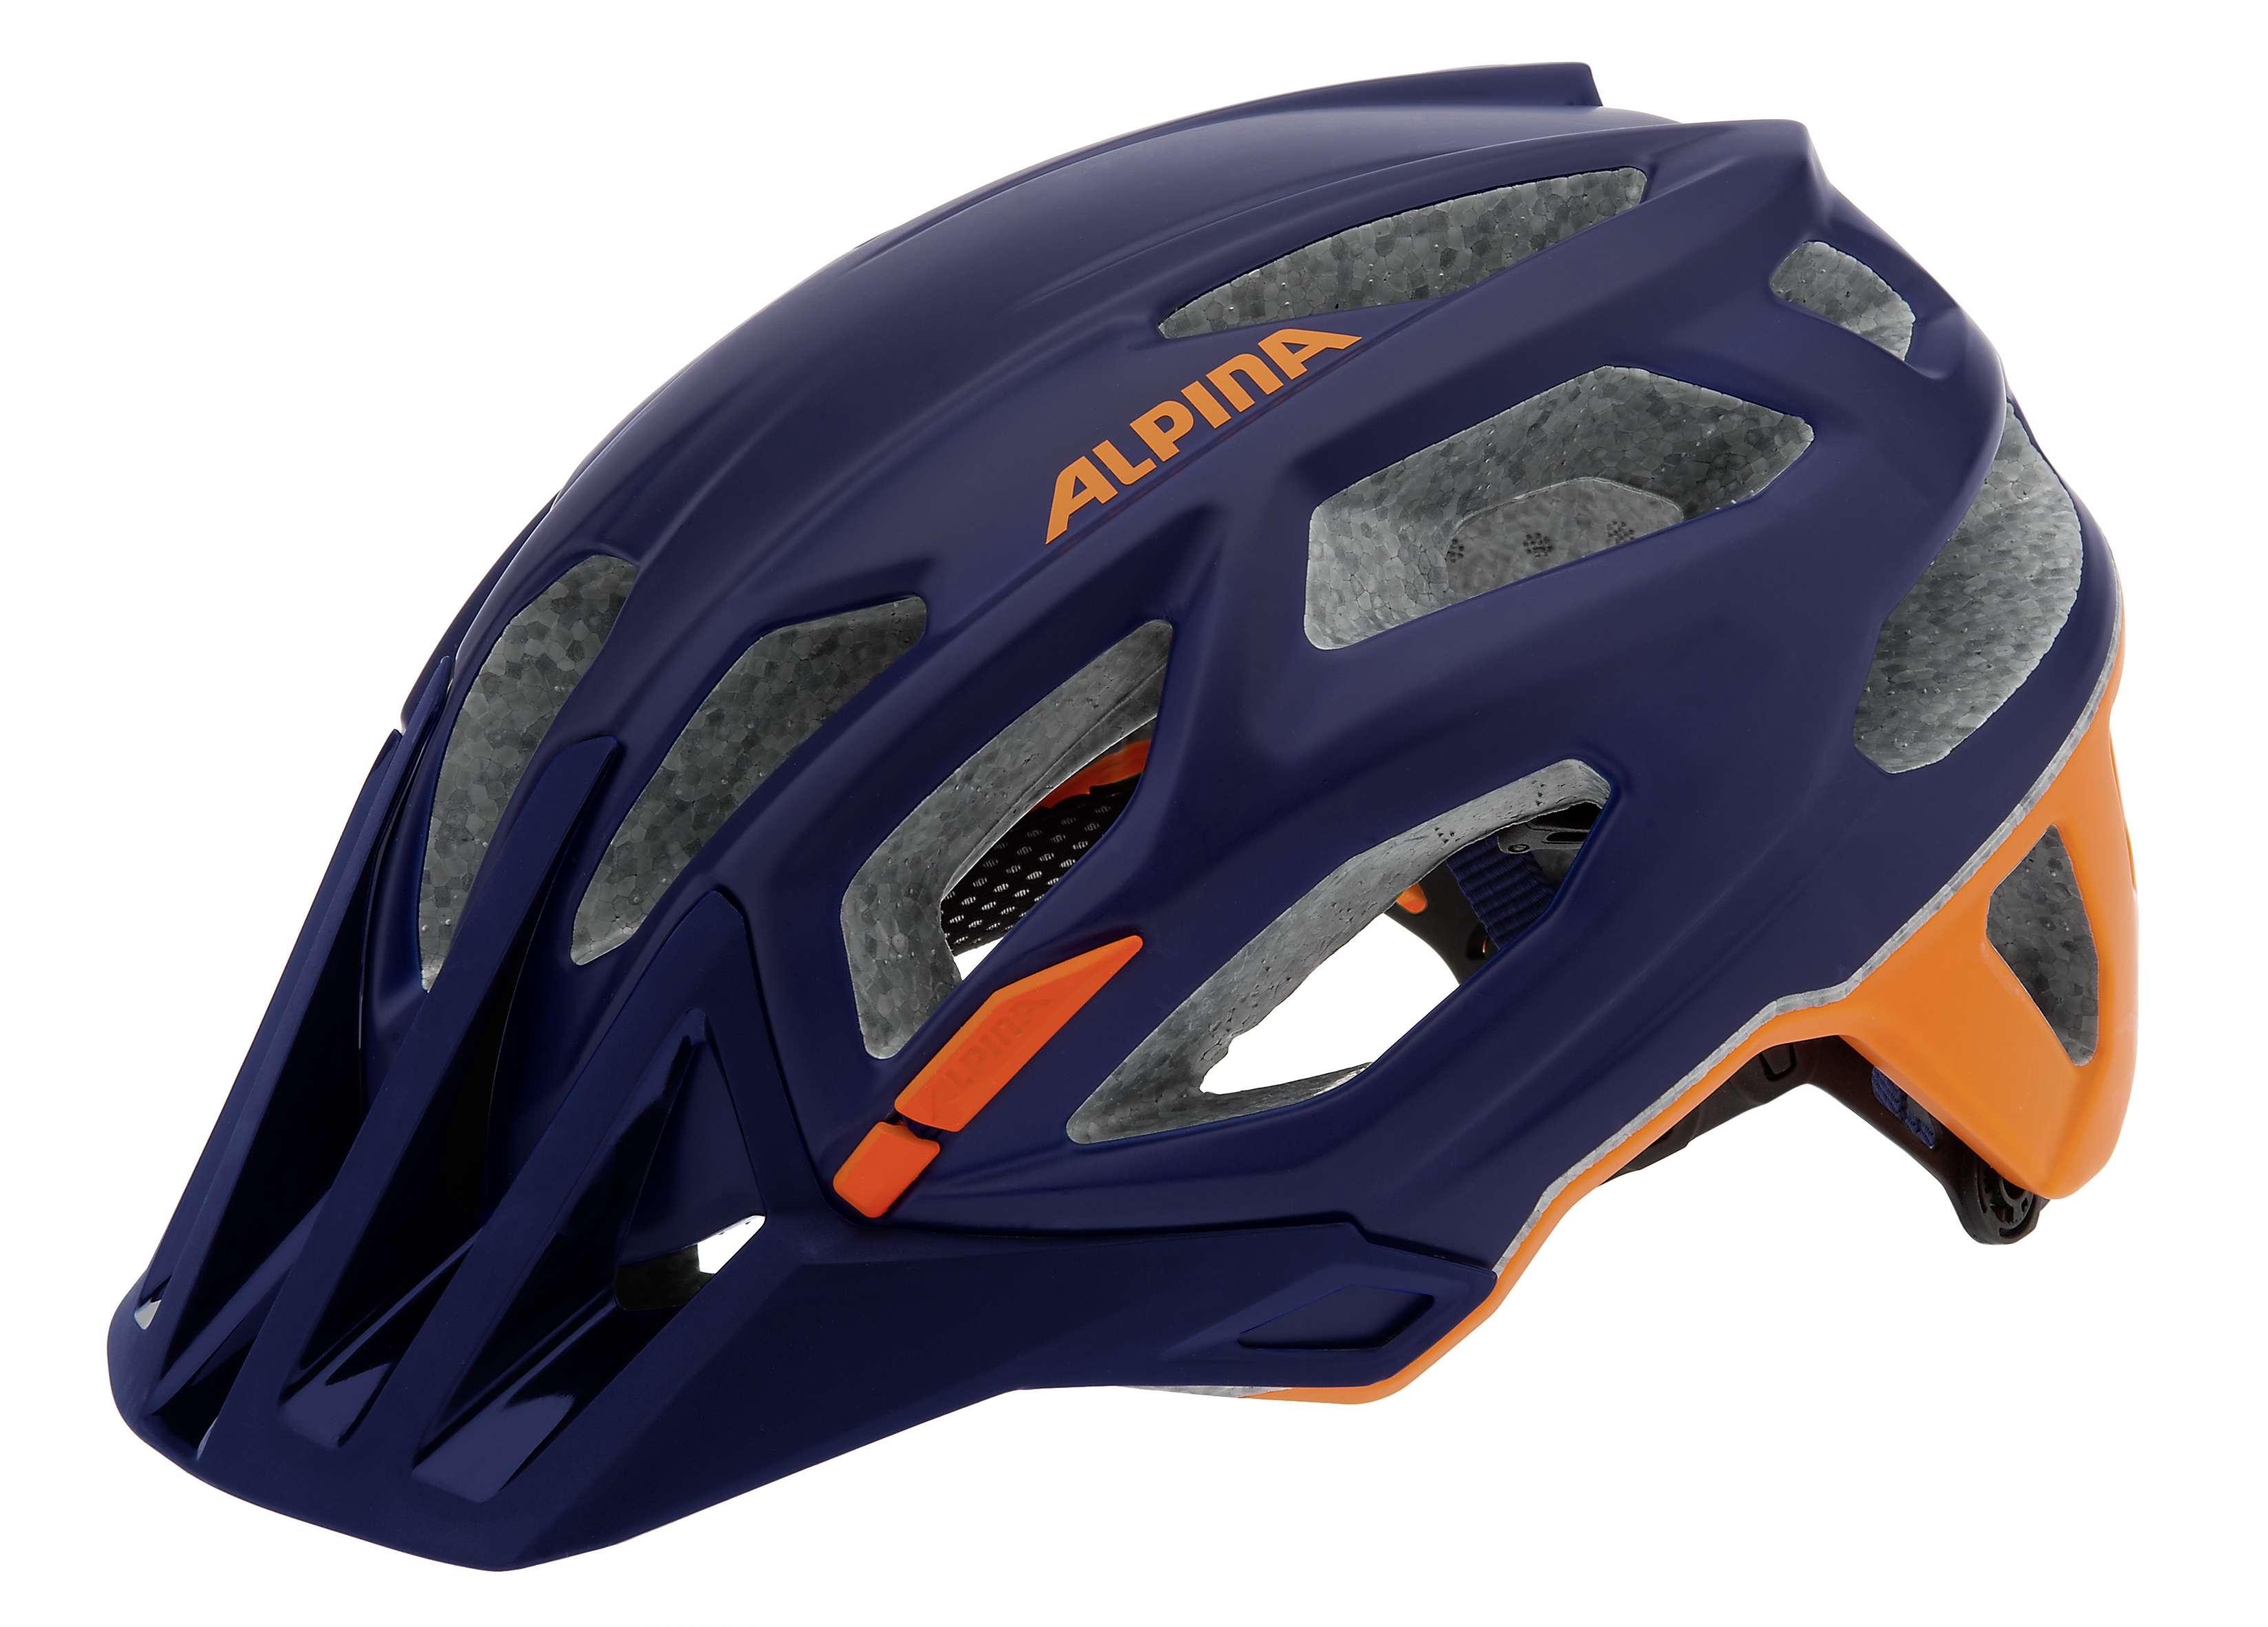 Купить Летний шлем Alpina Enduro Garbanzo darkblue-orange, Шлемы велосипедные, 1179835